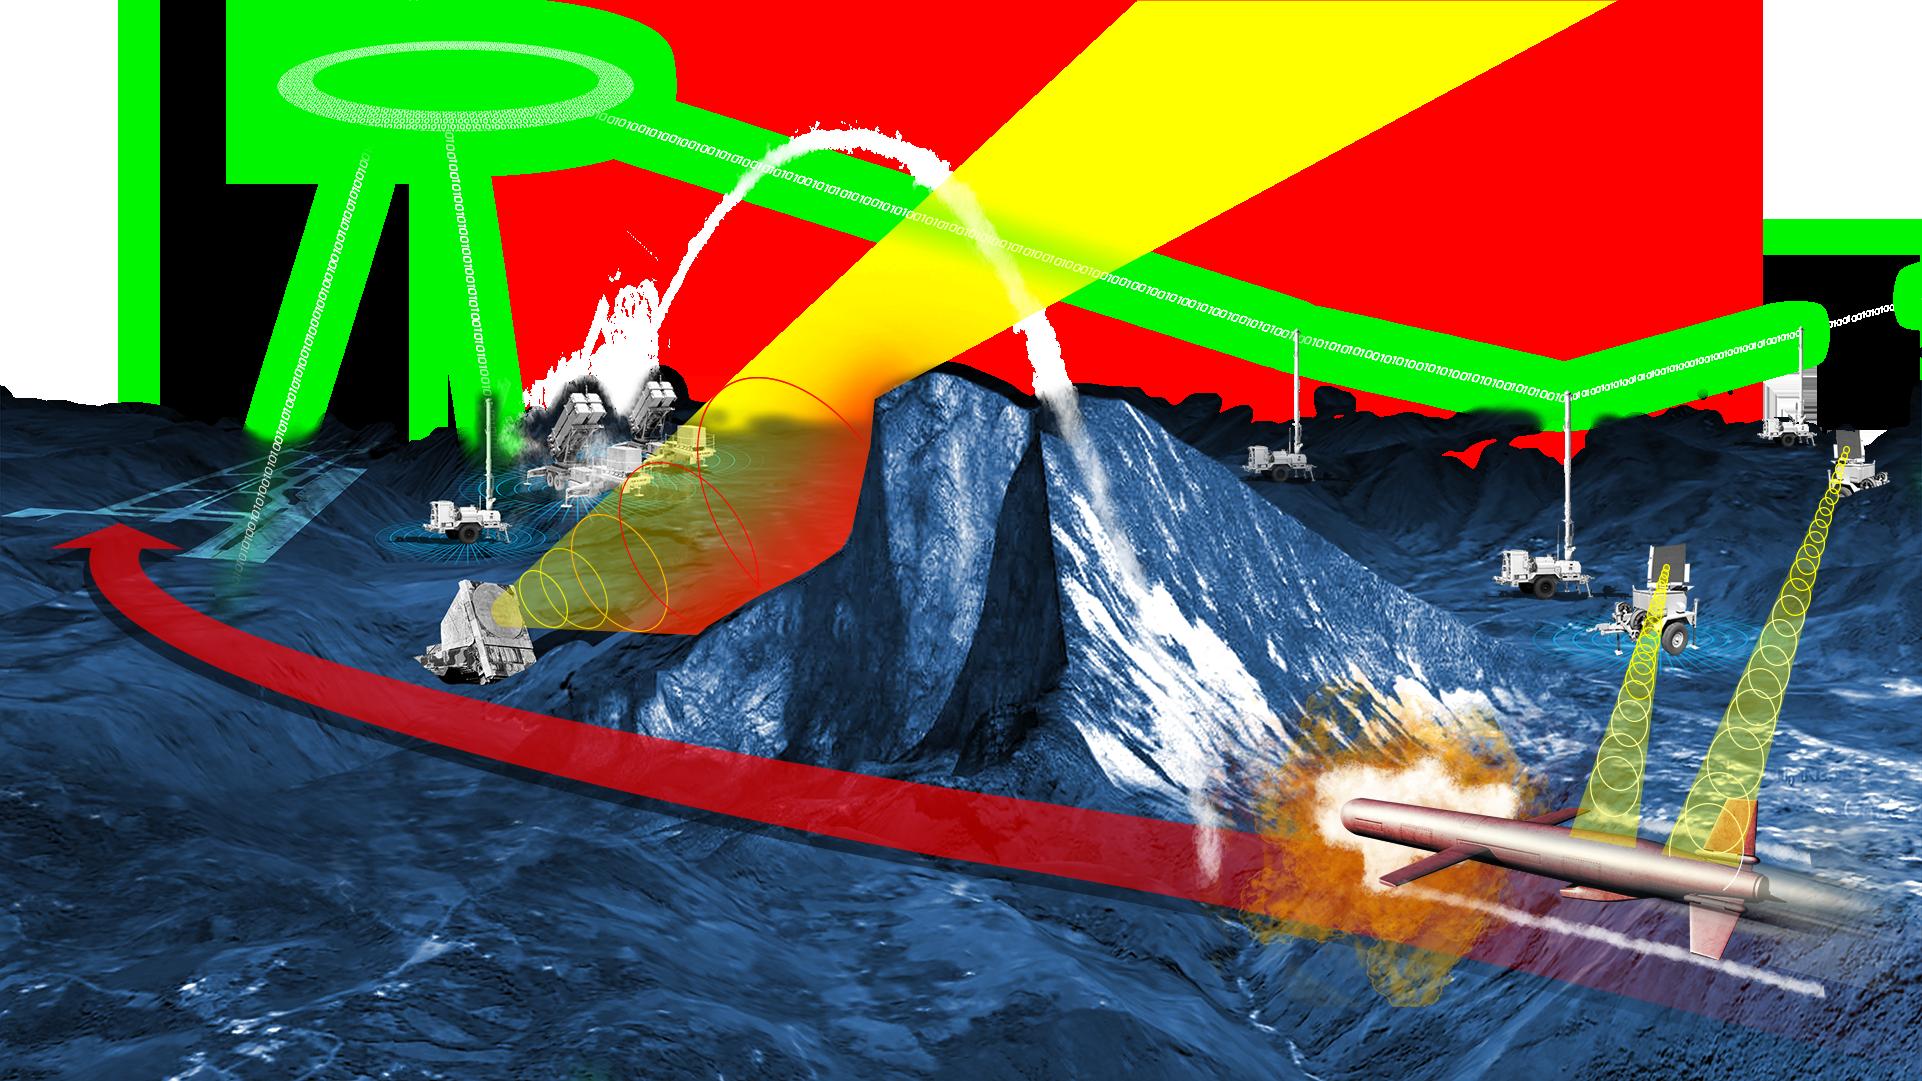 Northrop Grumman missile defense graphic